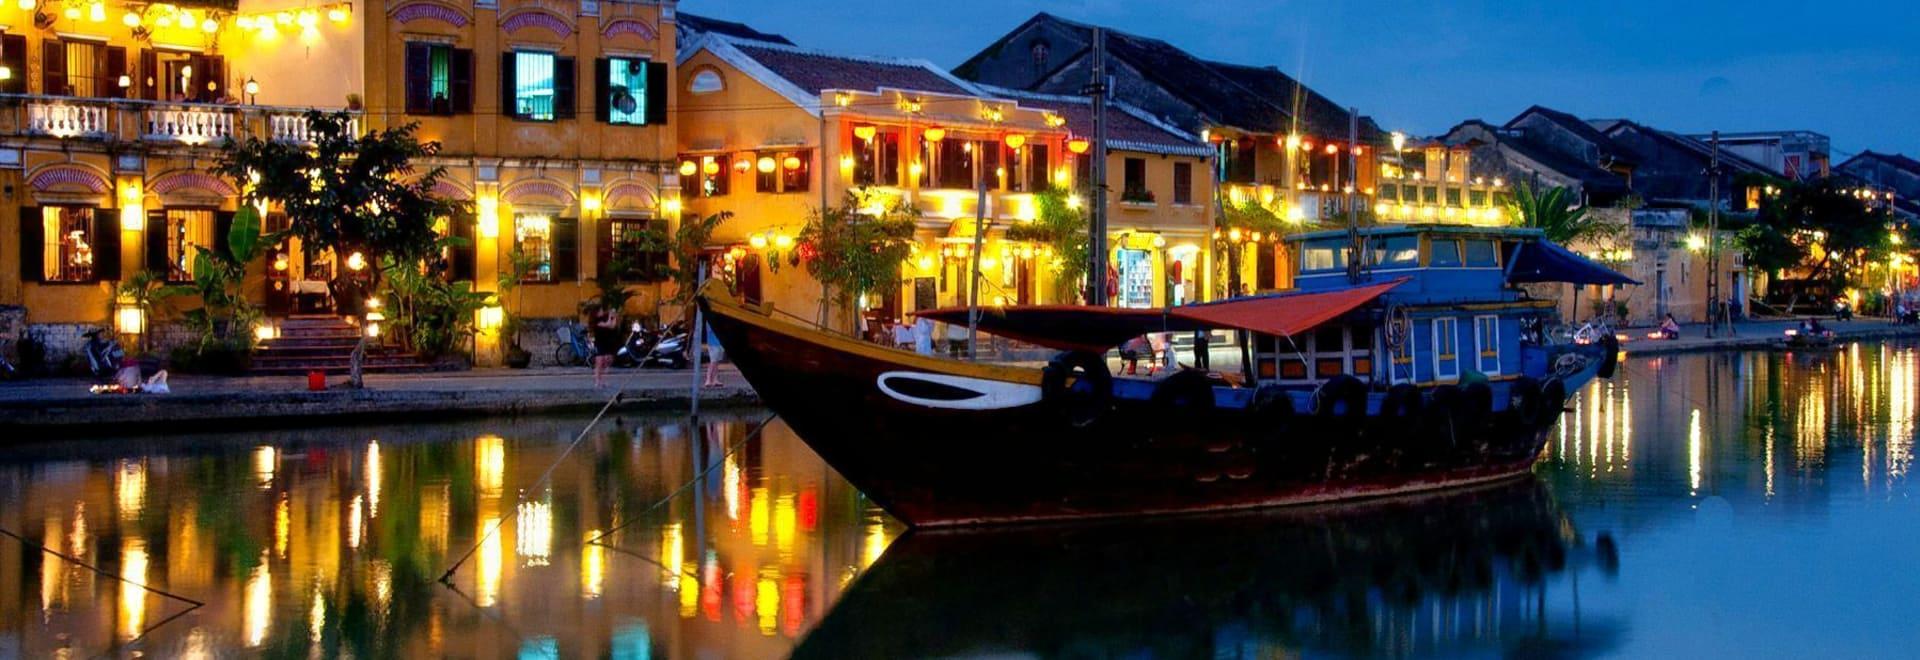 1491921951_da-nang-vietnam.jpg